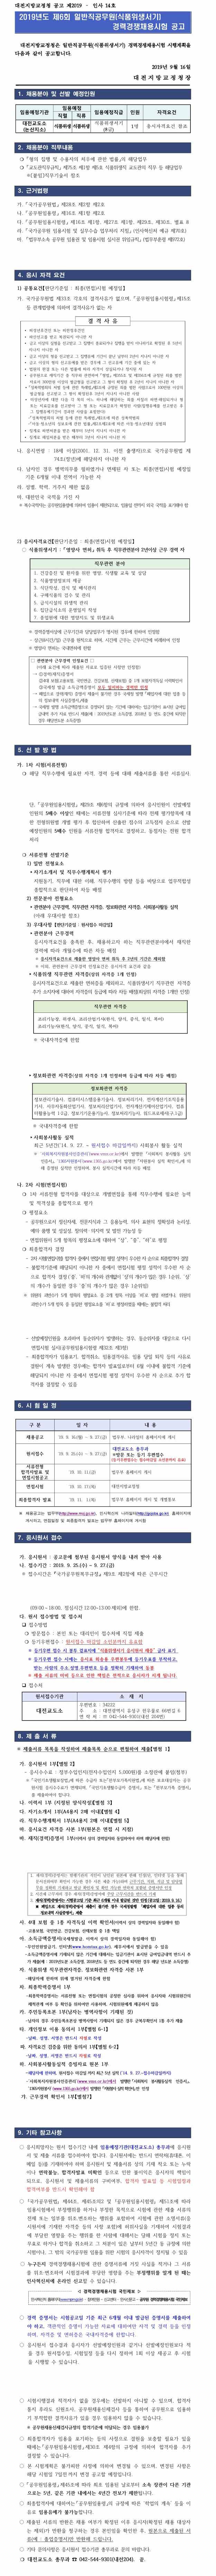 190916_대전지방교정청_공고.jpg